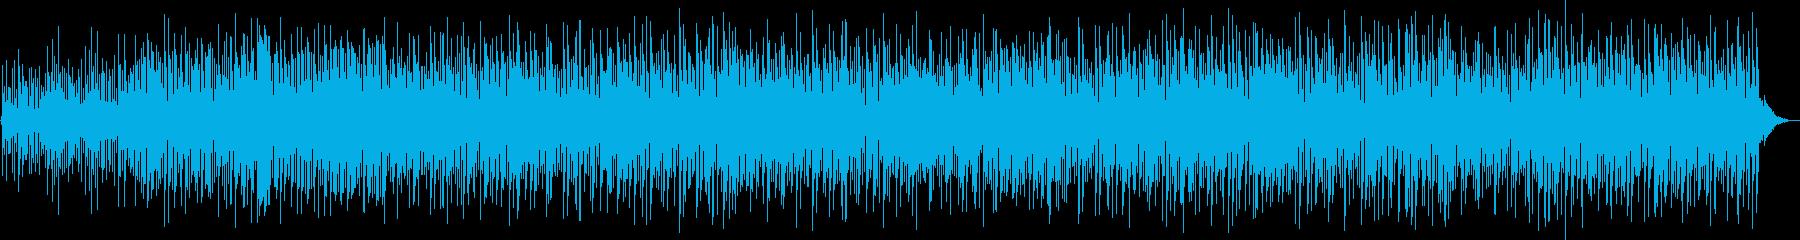 爽やかなジャズファンクの再生済みの波形